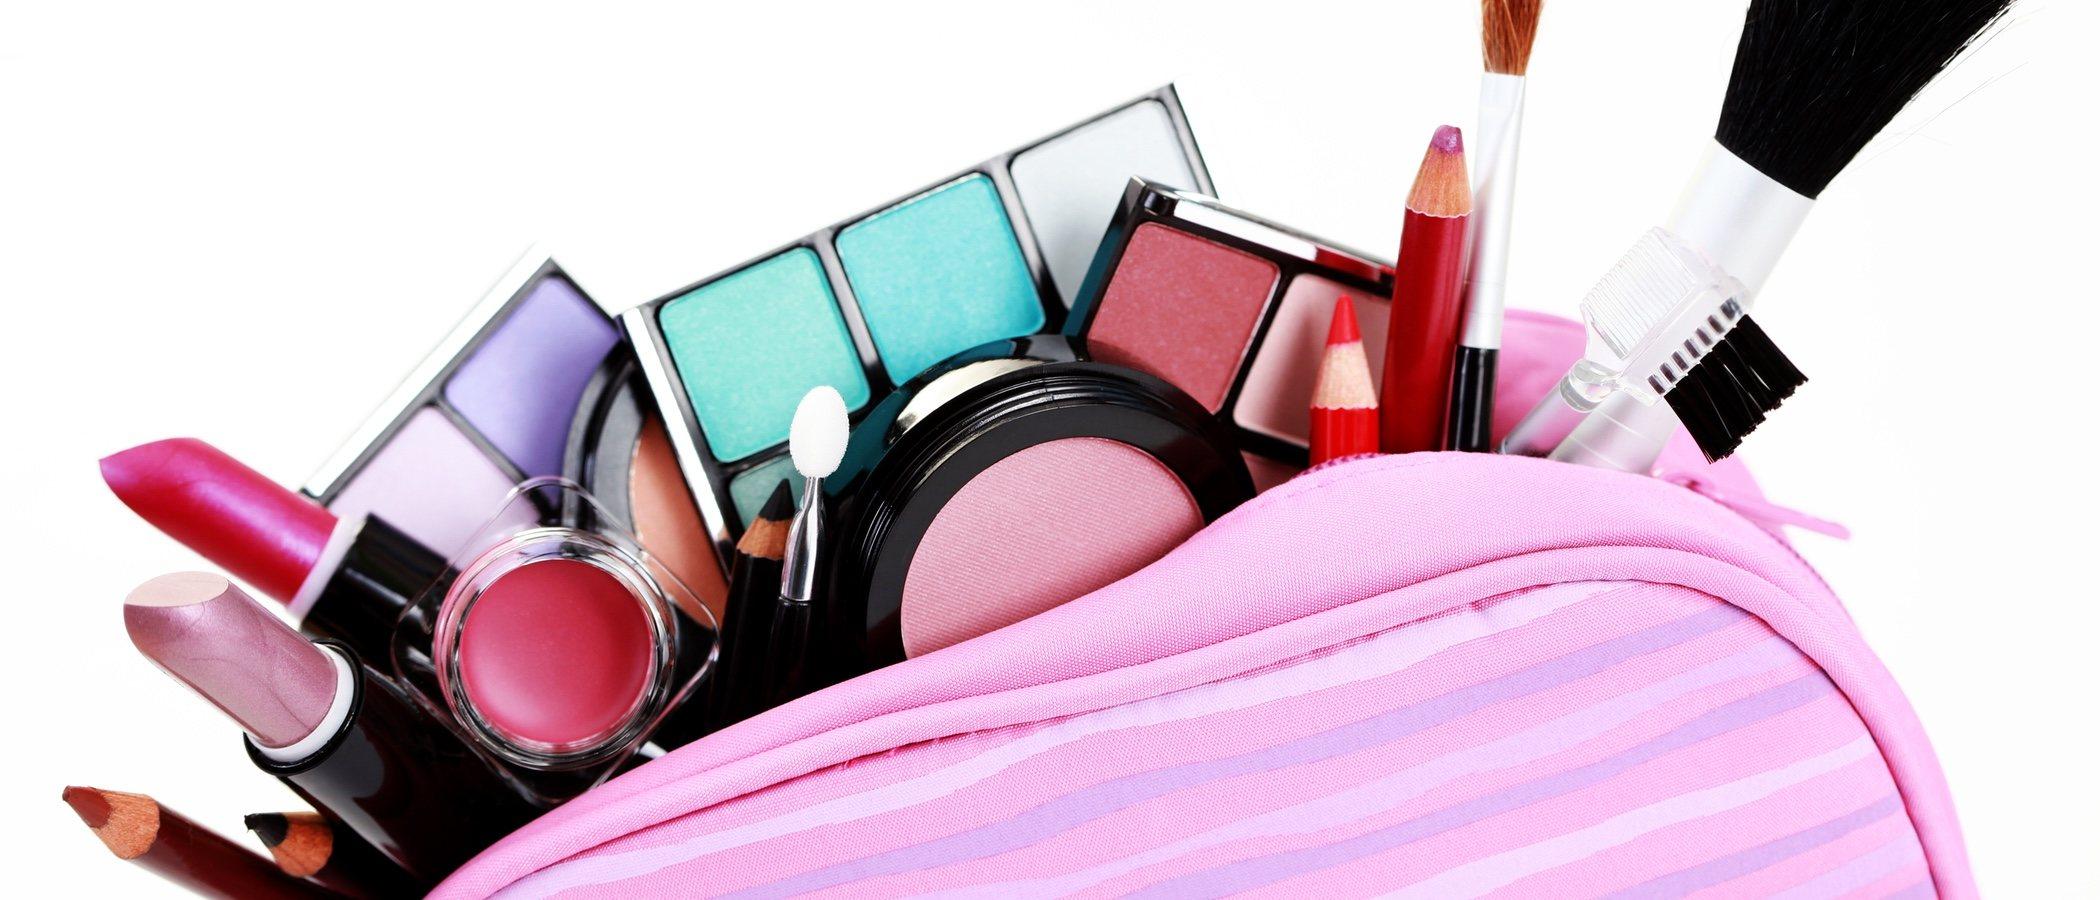 Kit básico de maquillaje: lo que siempre tienes que tener contigo